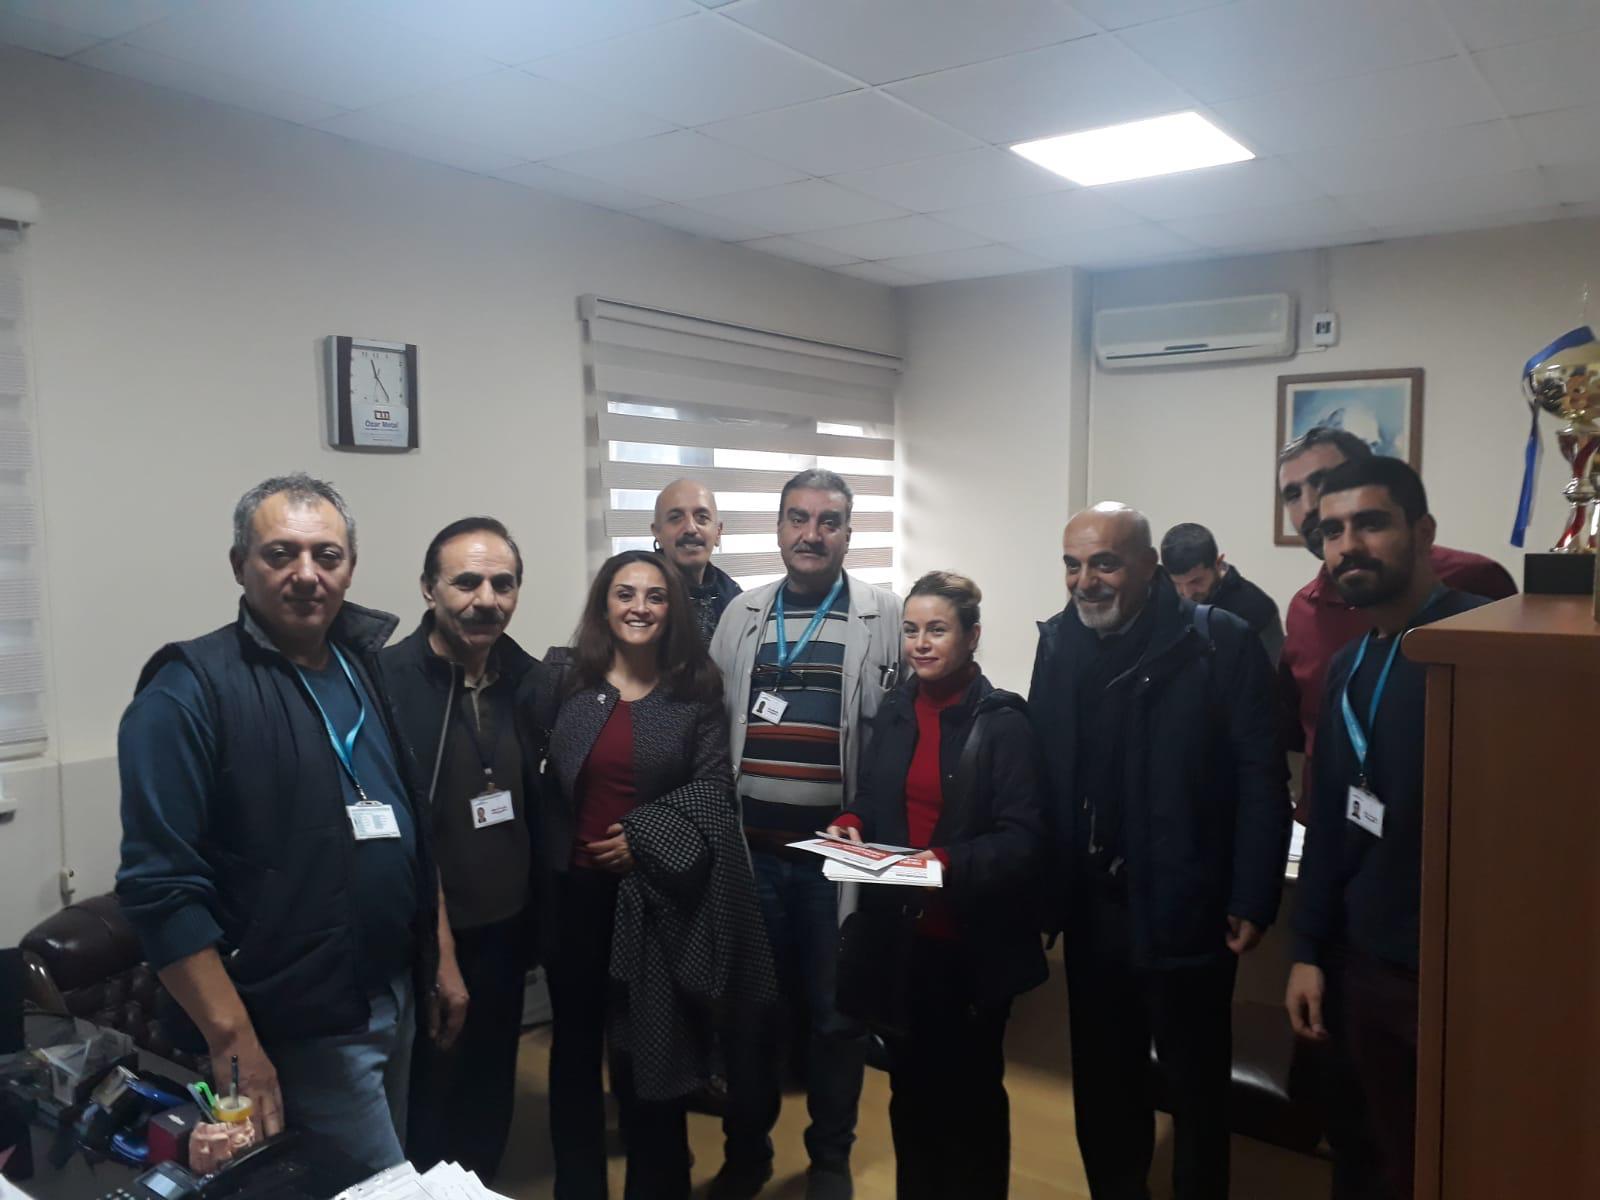 22 Aralık KESK İstanbul Bölge Mitingi İçin Bursa'da Çalışmalar Devam Ediyor